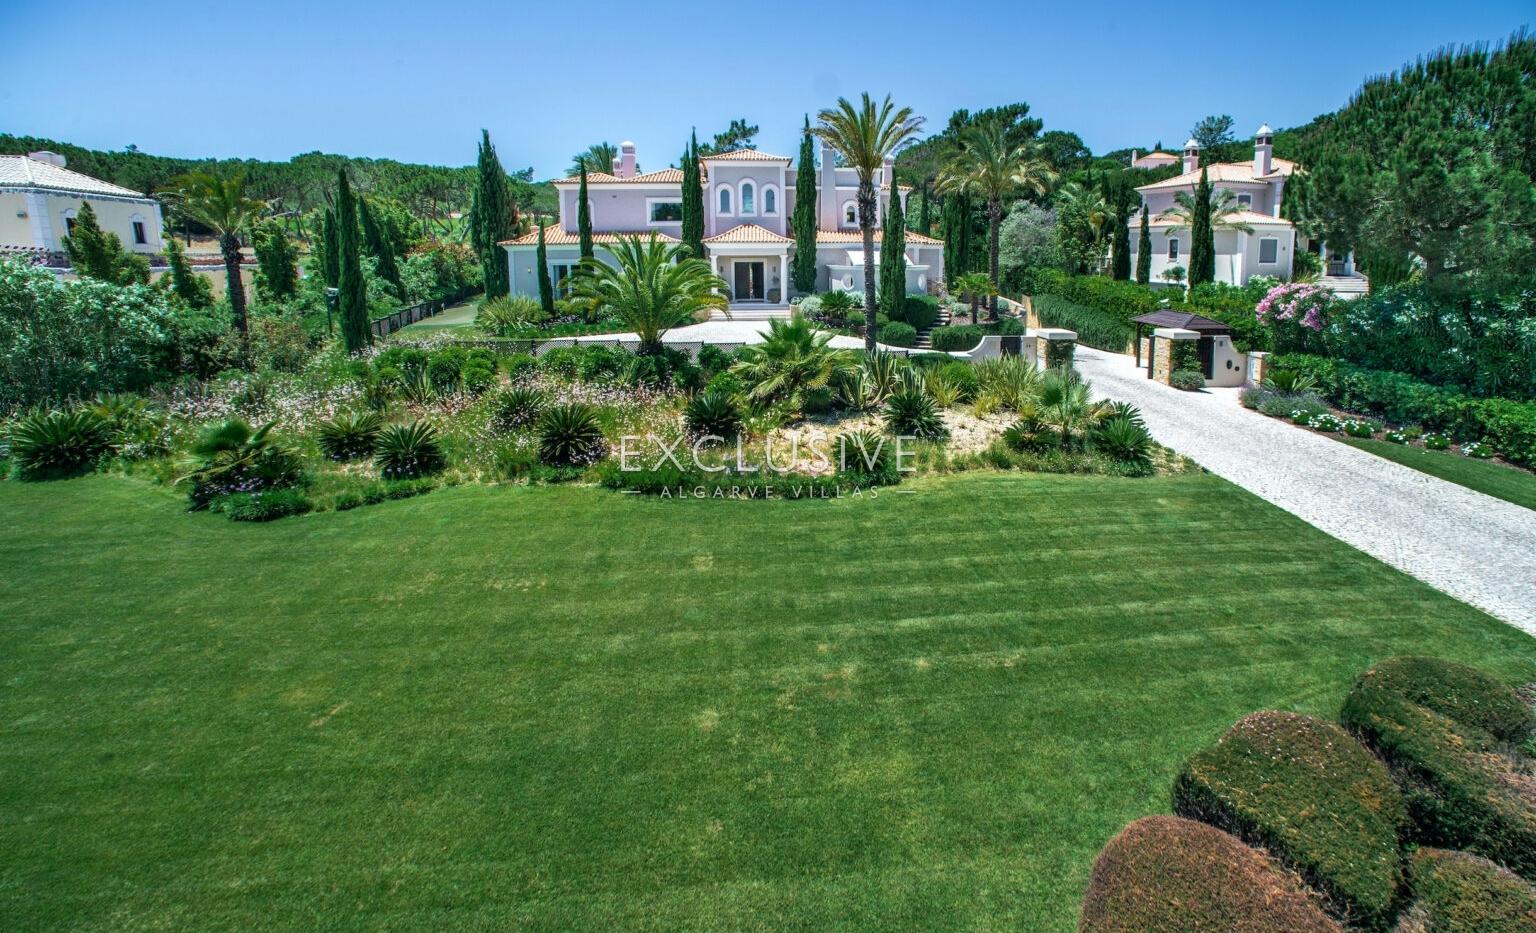 Bonita moradia de cinco quartos à venda na Quinta do Lago, Algarve_1